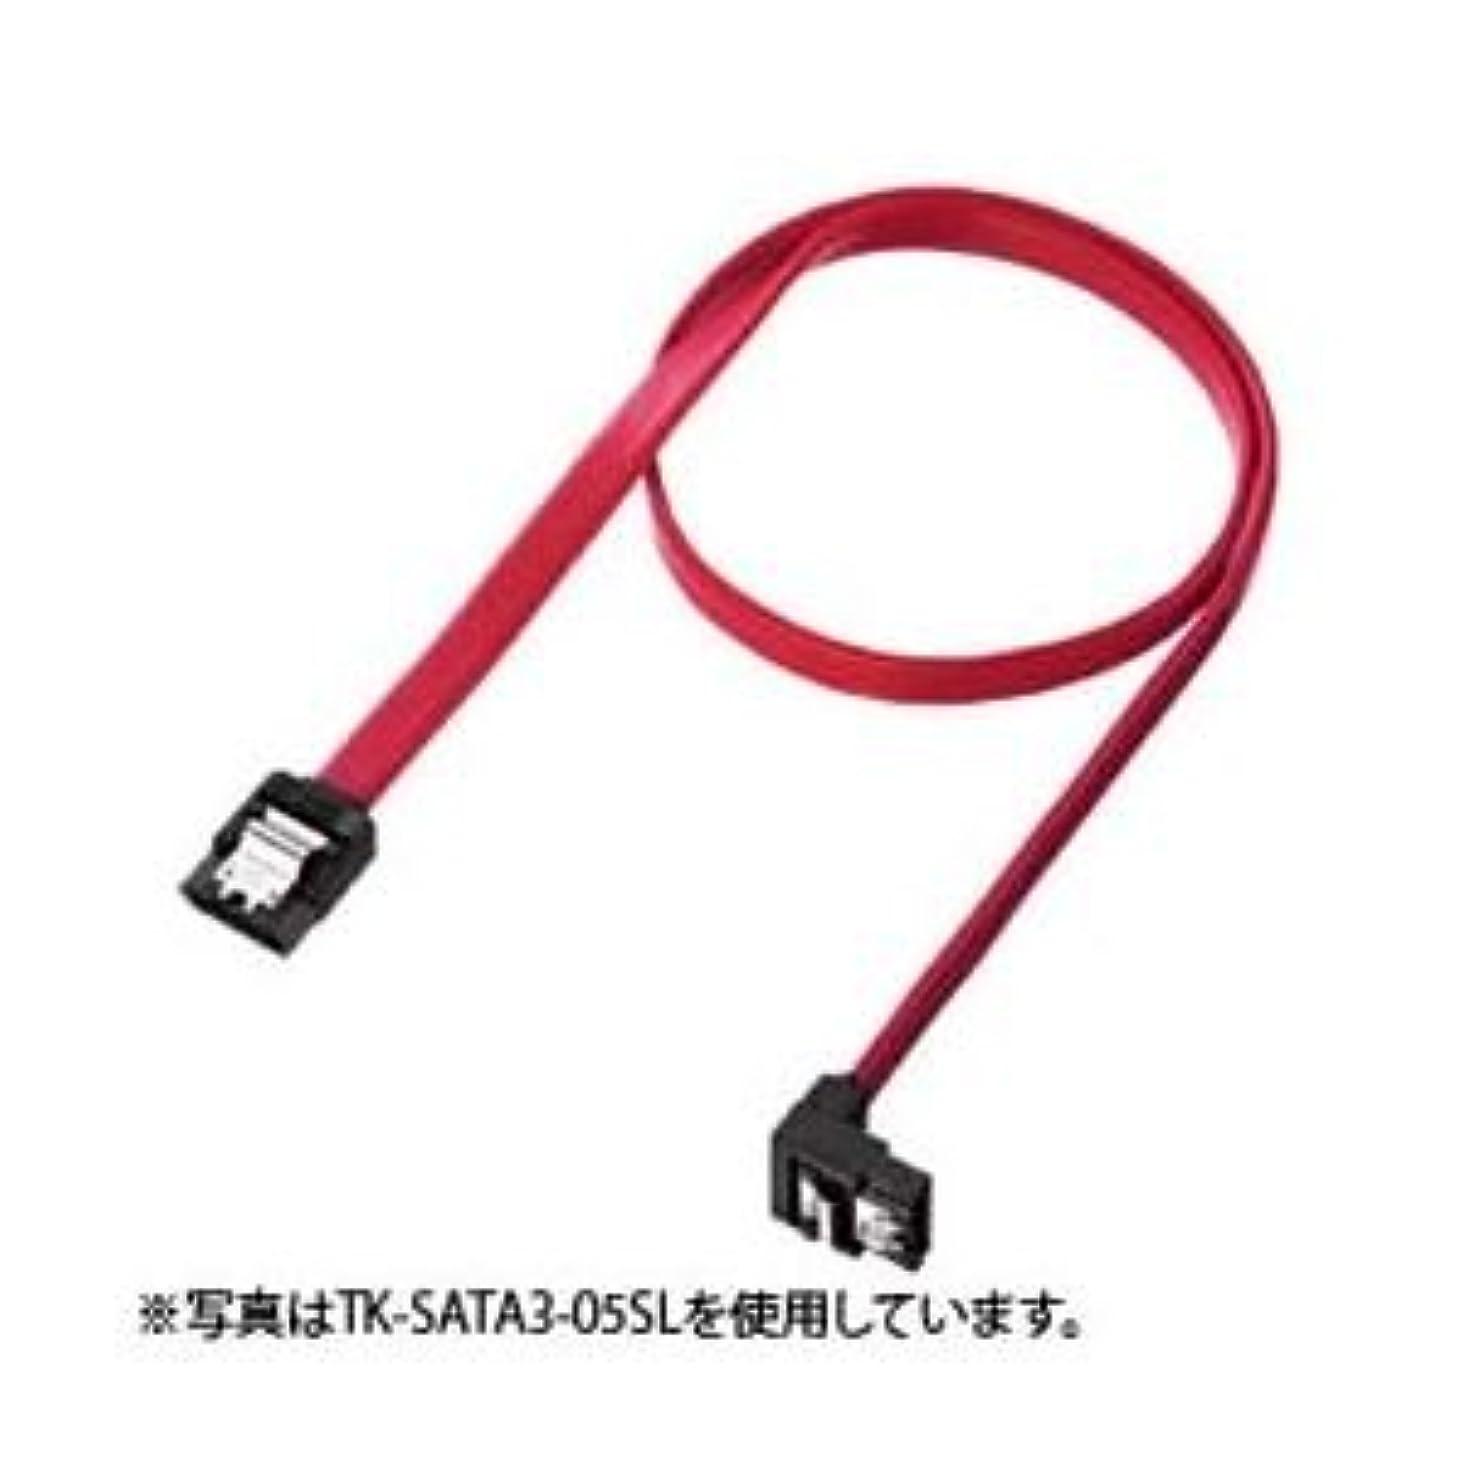 収益窒息させる逆に(まとめ)サンワサプライ 下L型シリアルATA3ケーブル TK-SATA3-03SL【×3セット】 ds-1616954